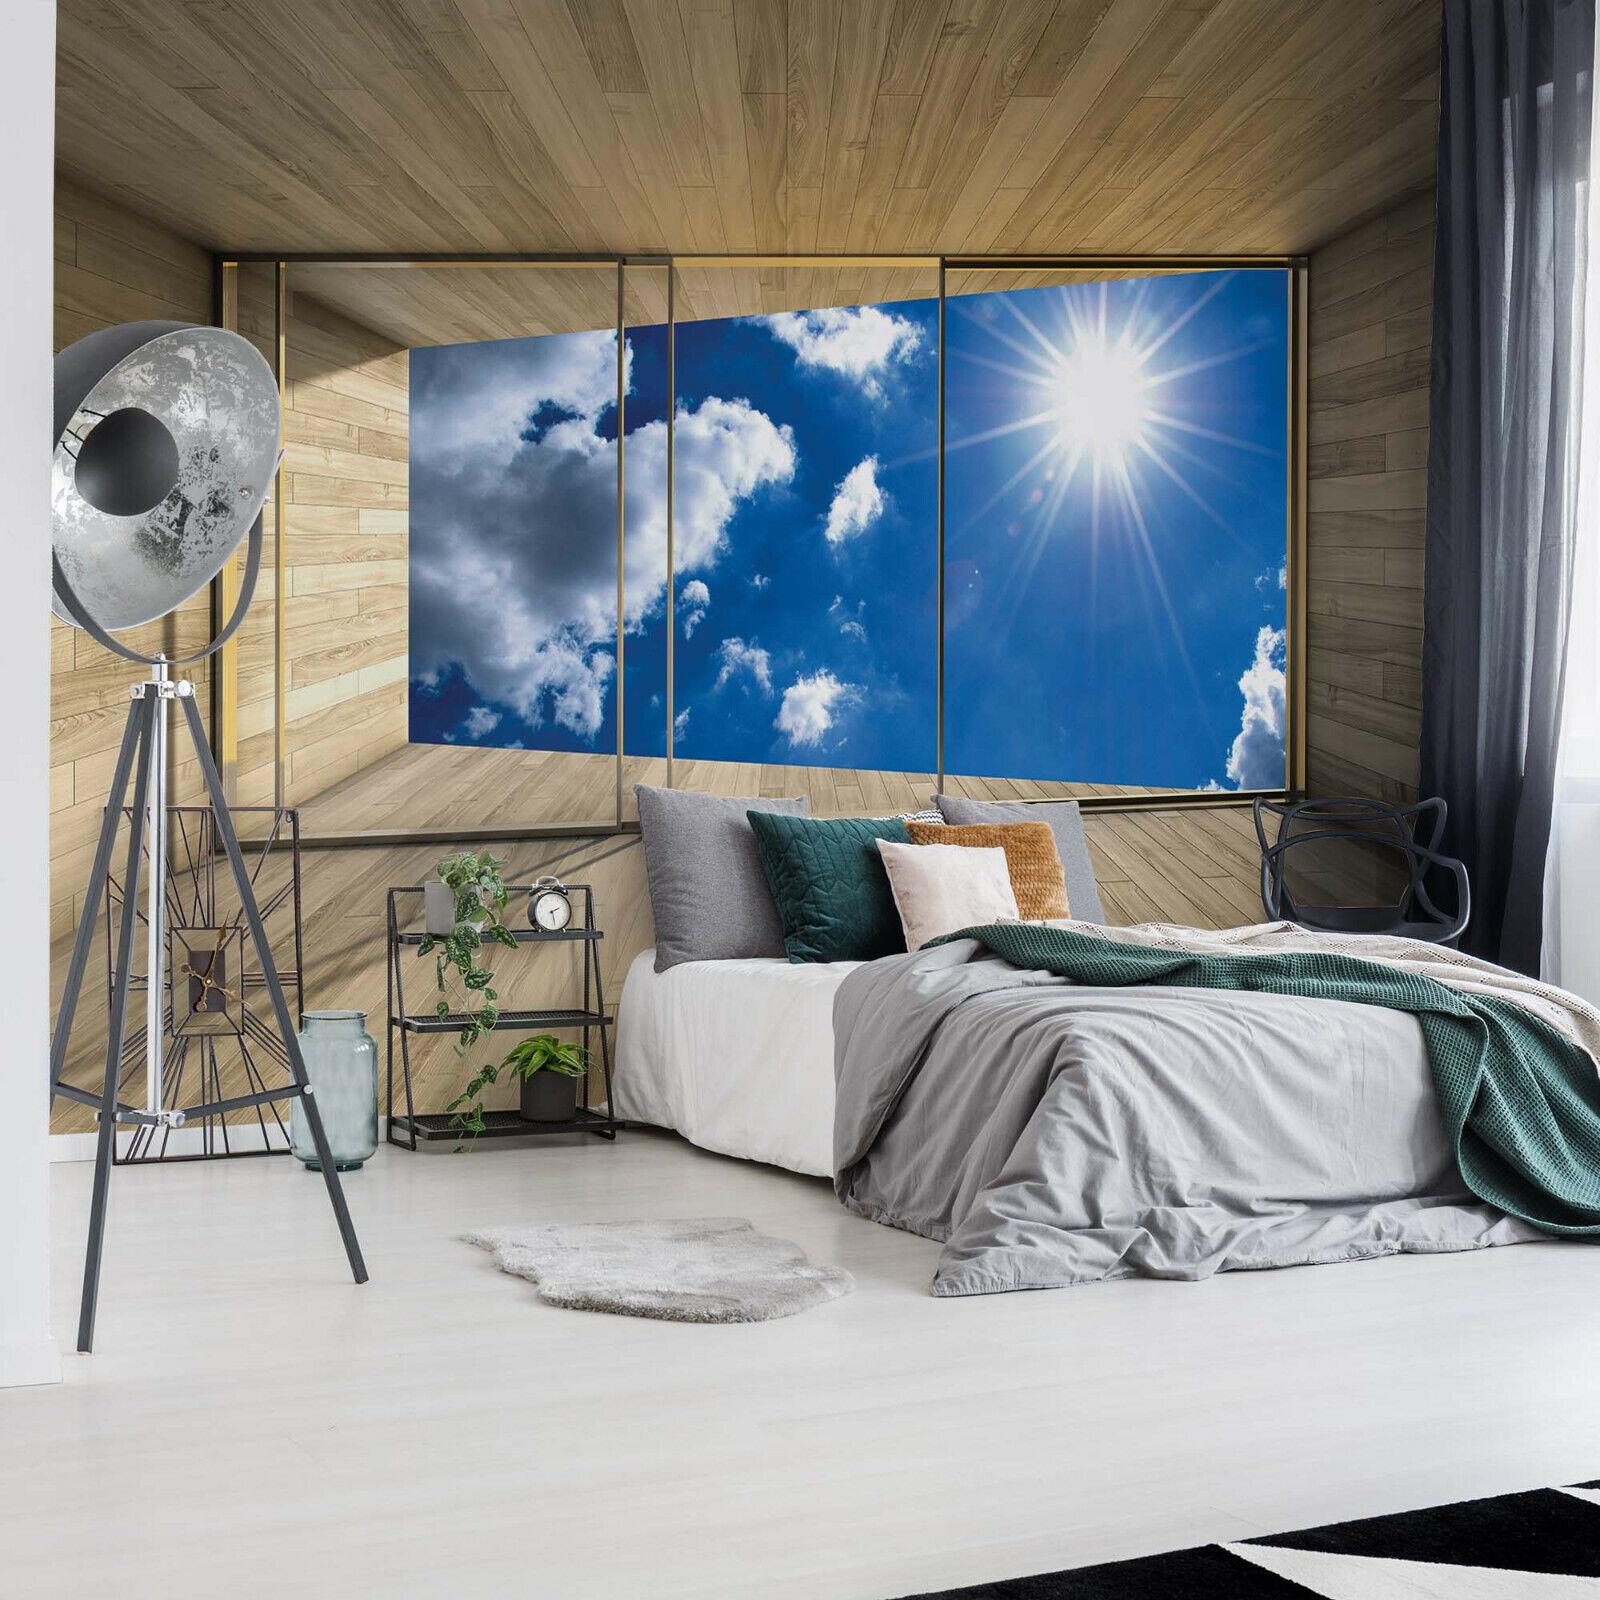 Tapete Design Fototapete Natur Landschaft blauer Himmel Wolken Fensteraussicht